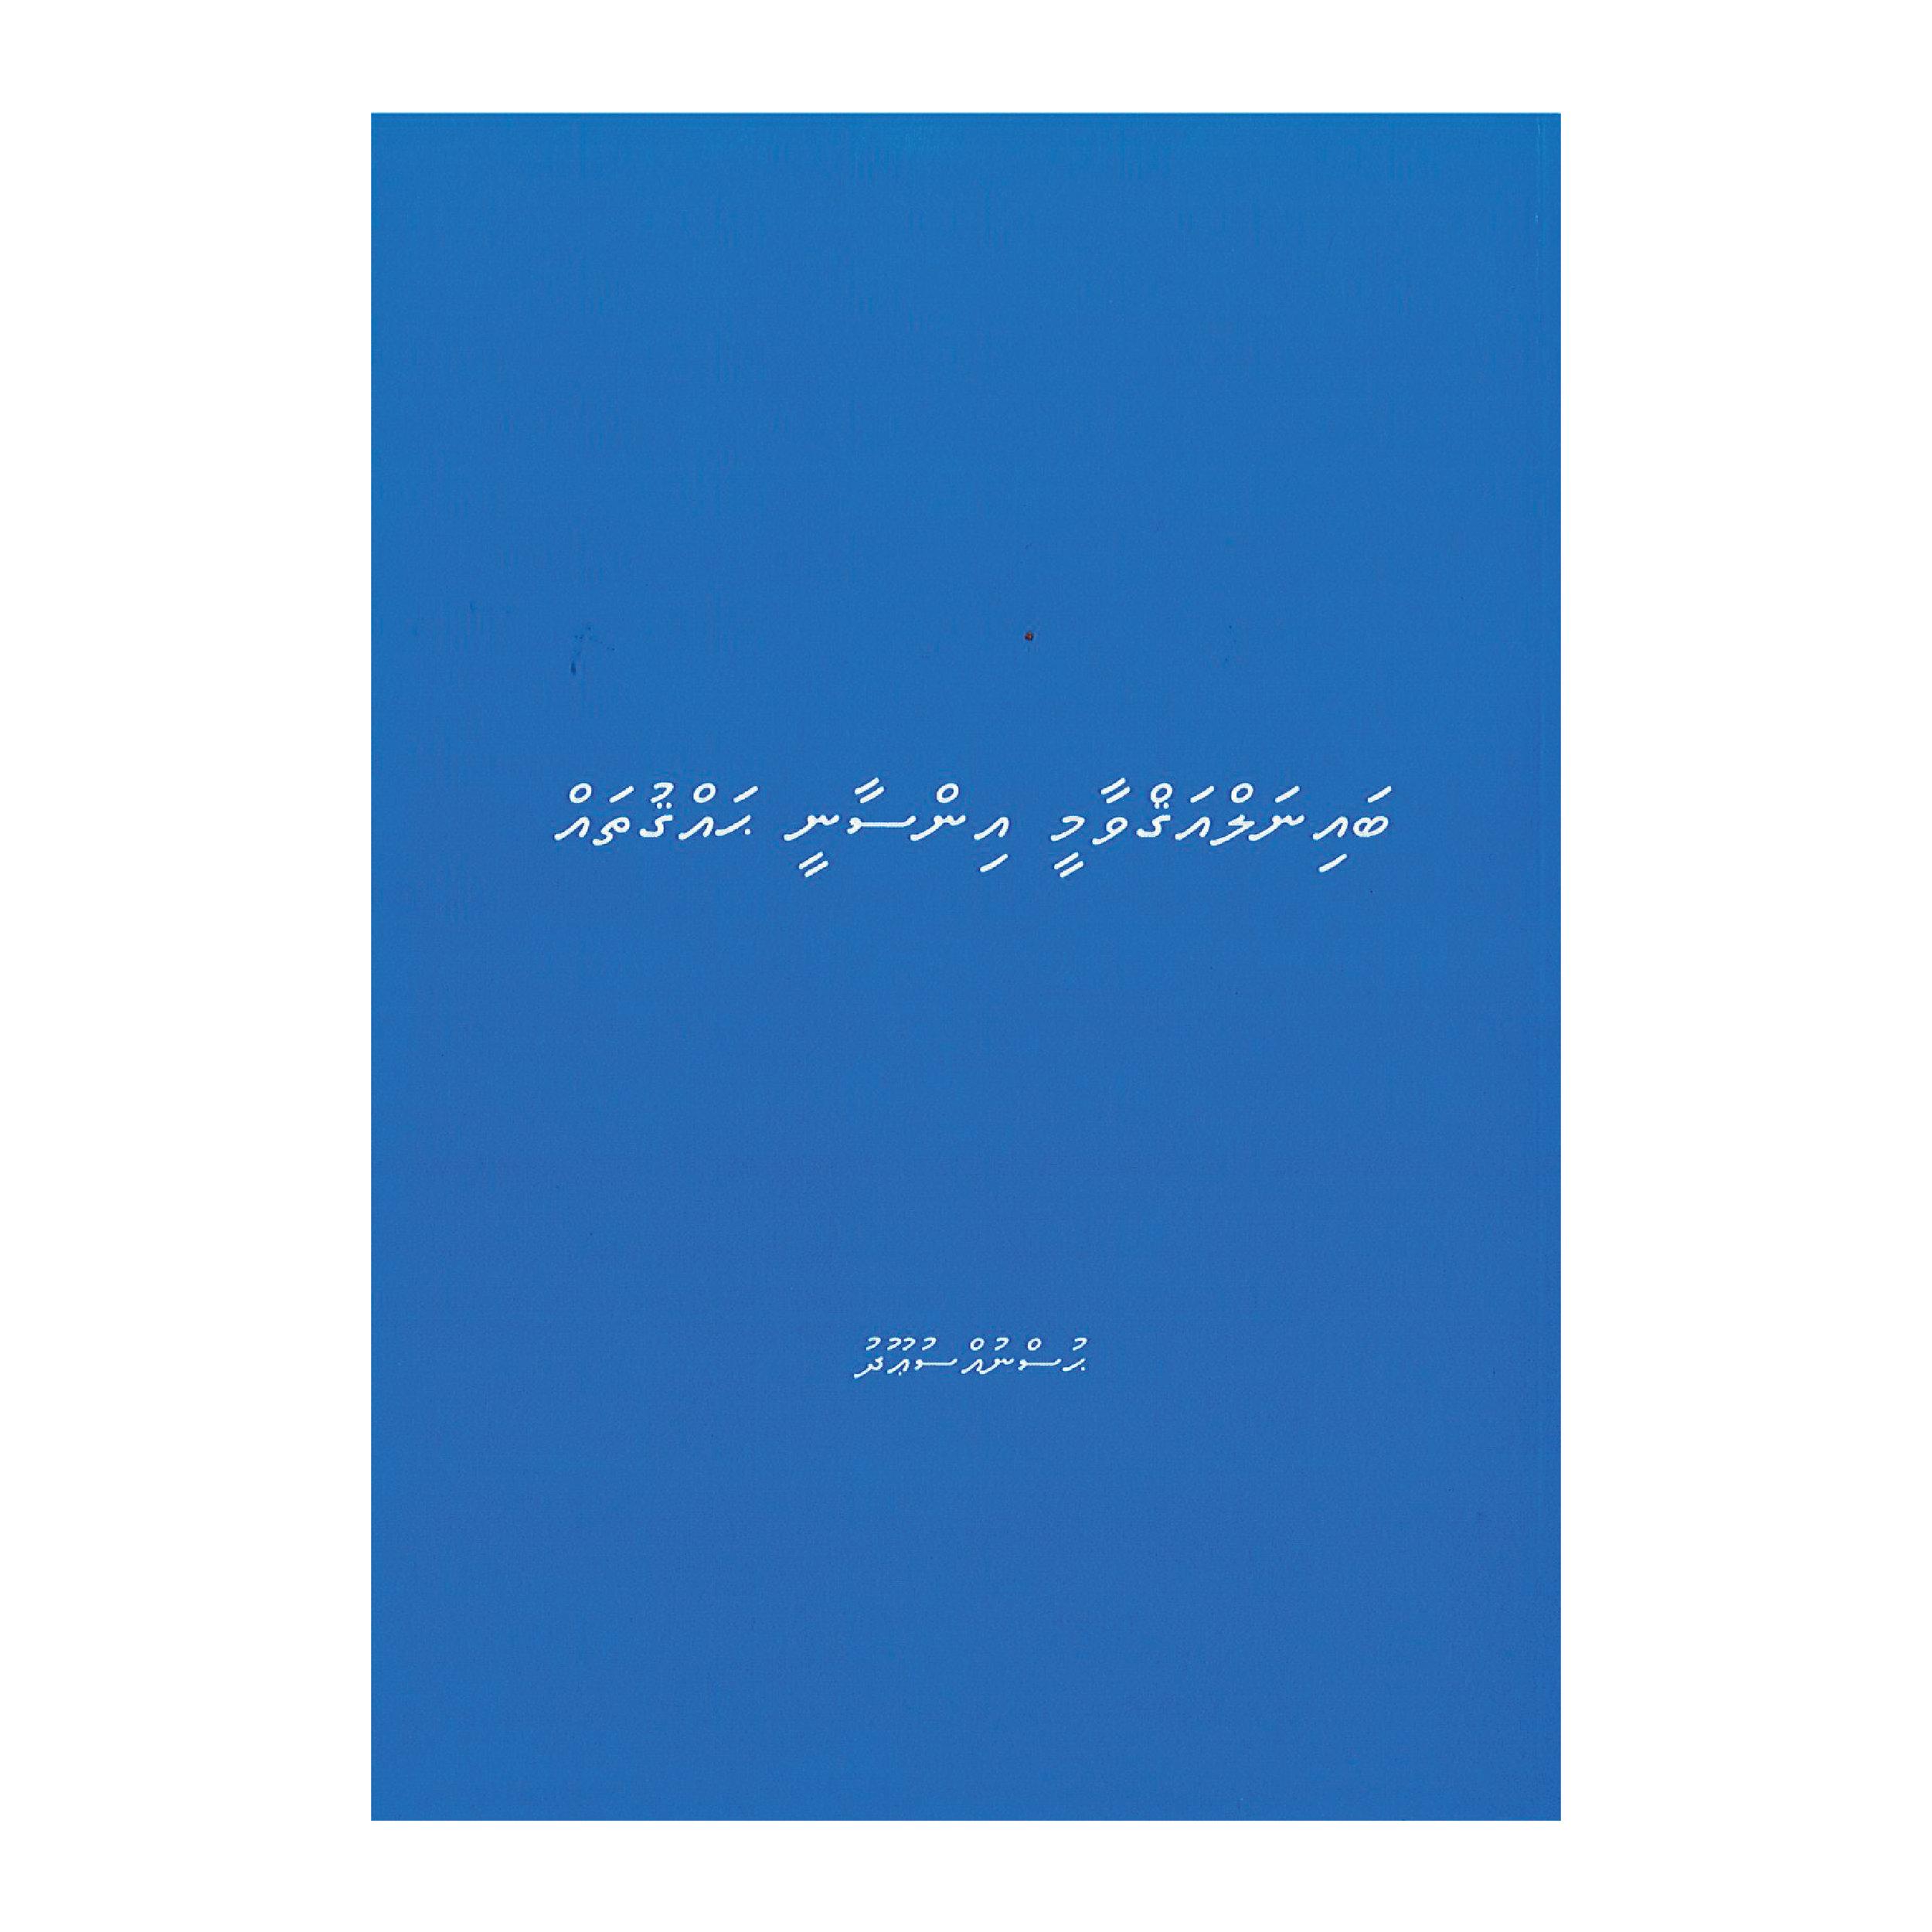 book7-01.jpg